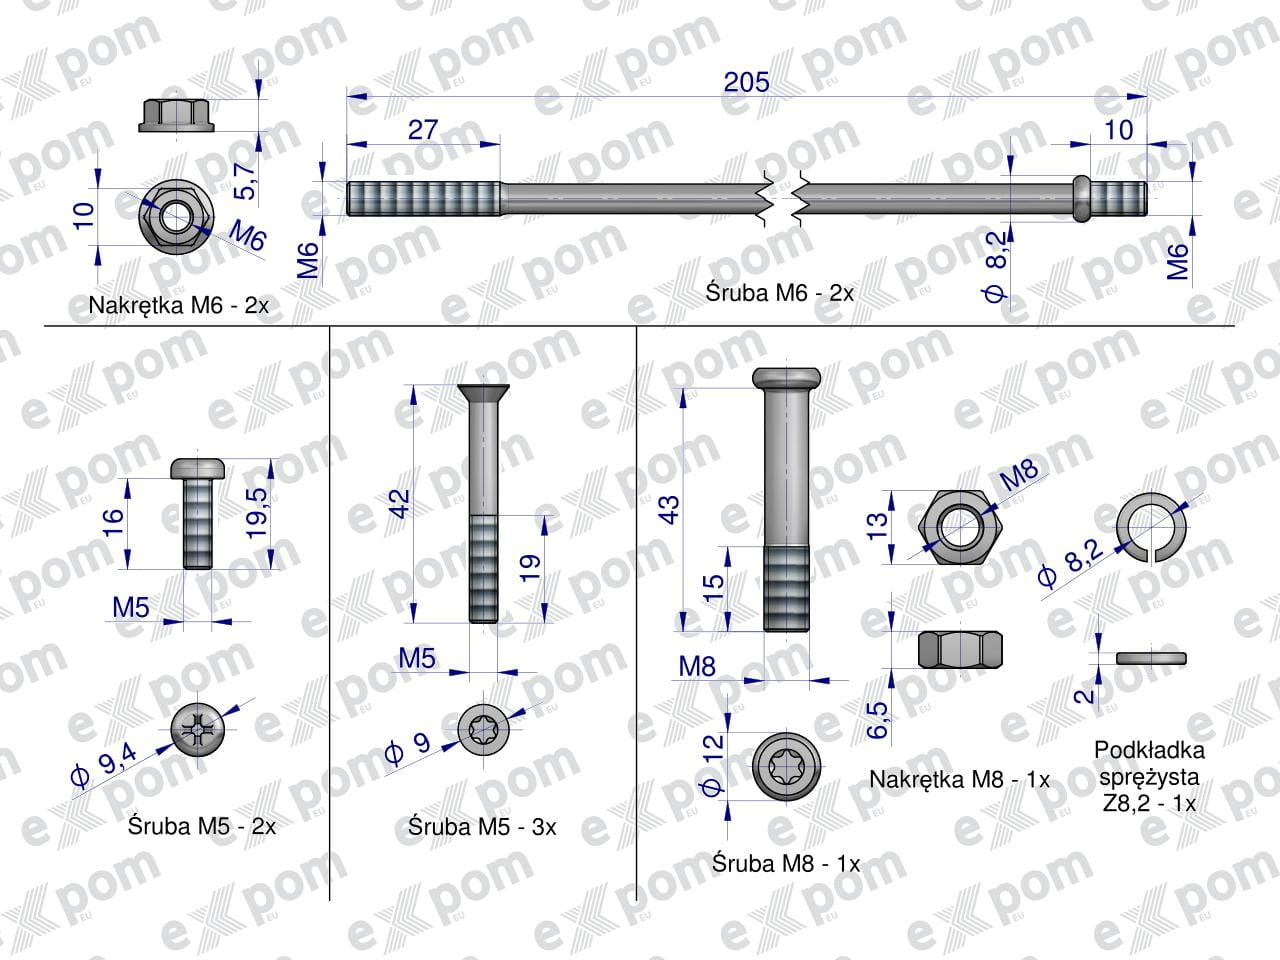 Komplet śrub rozrusznika 2005834177. 46657000 C-330 C-360